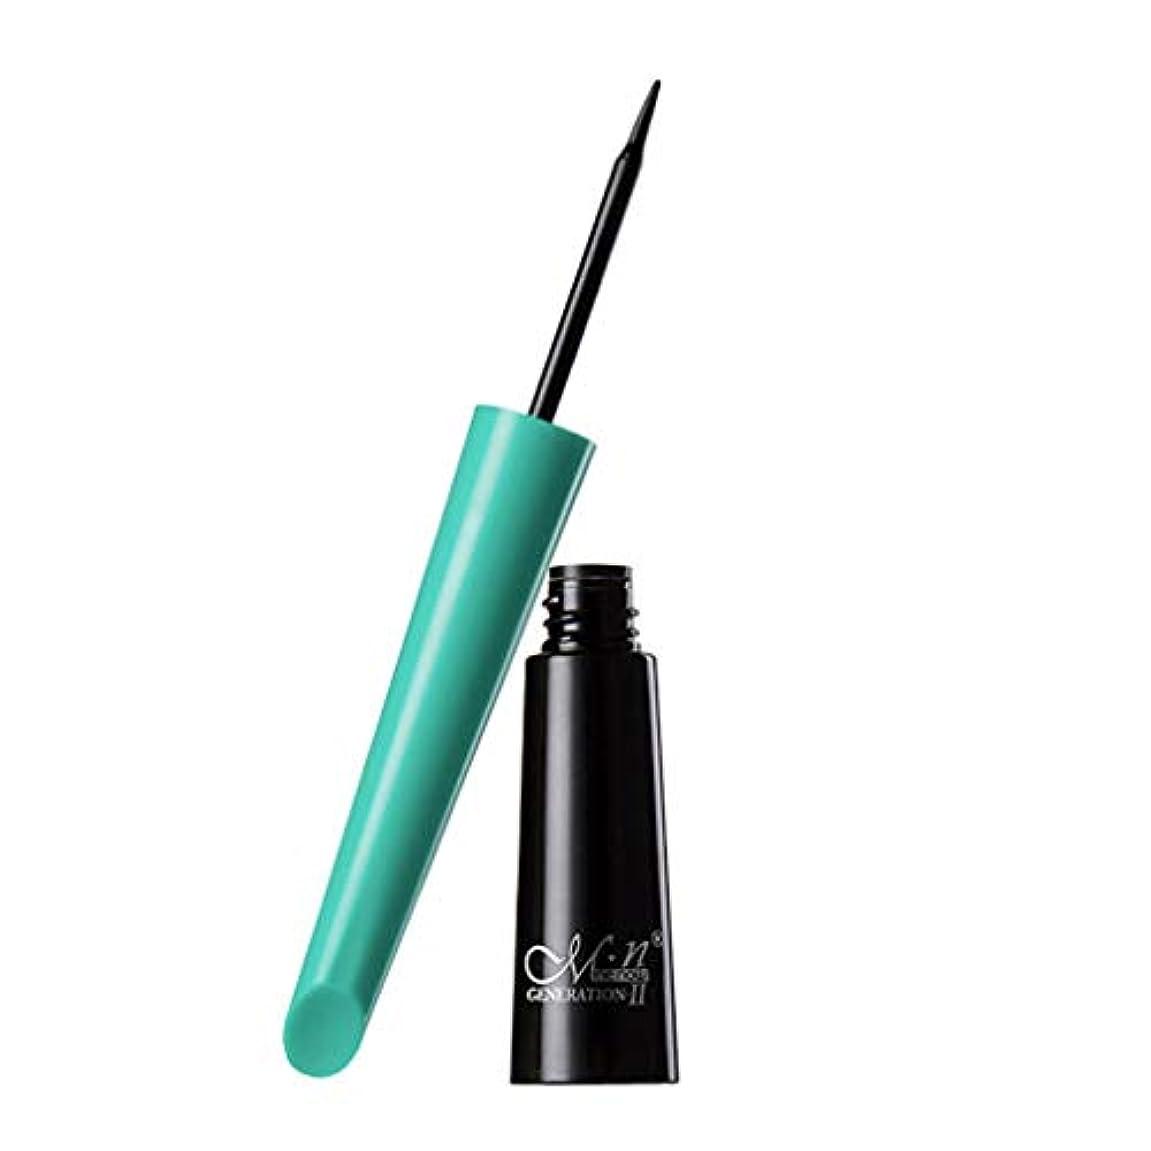 ばかマンハッタン加入女性Menow防水美容メイクアップ化粧品ブラックリキッドアイライナーペン